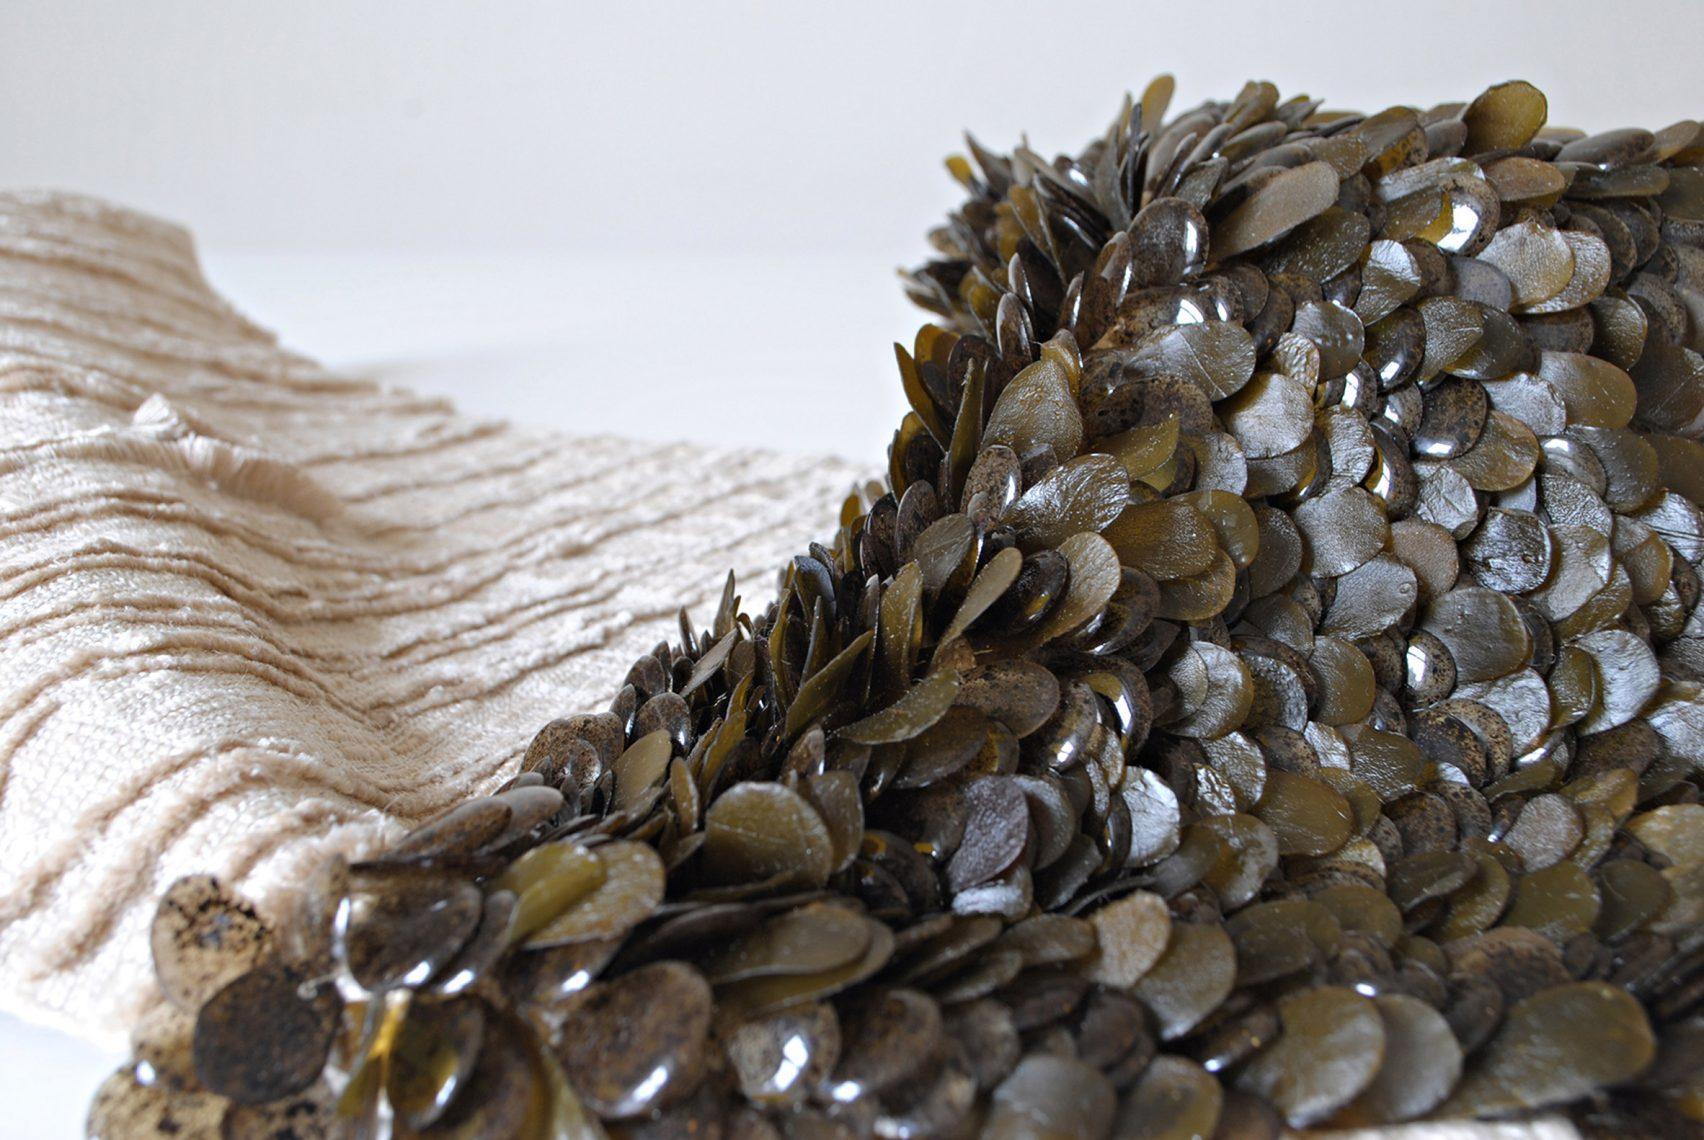 Nachhaltige Textilinnovationen aus Algen